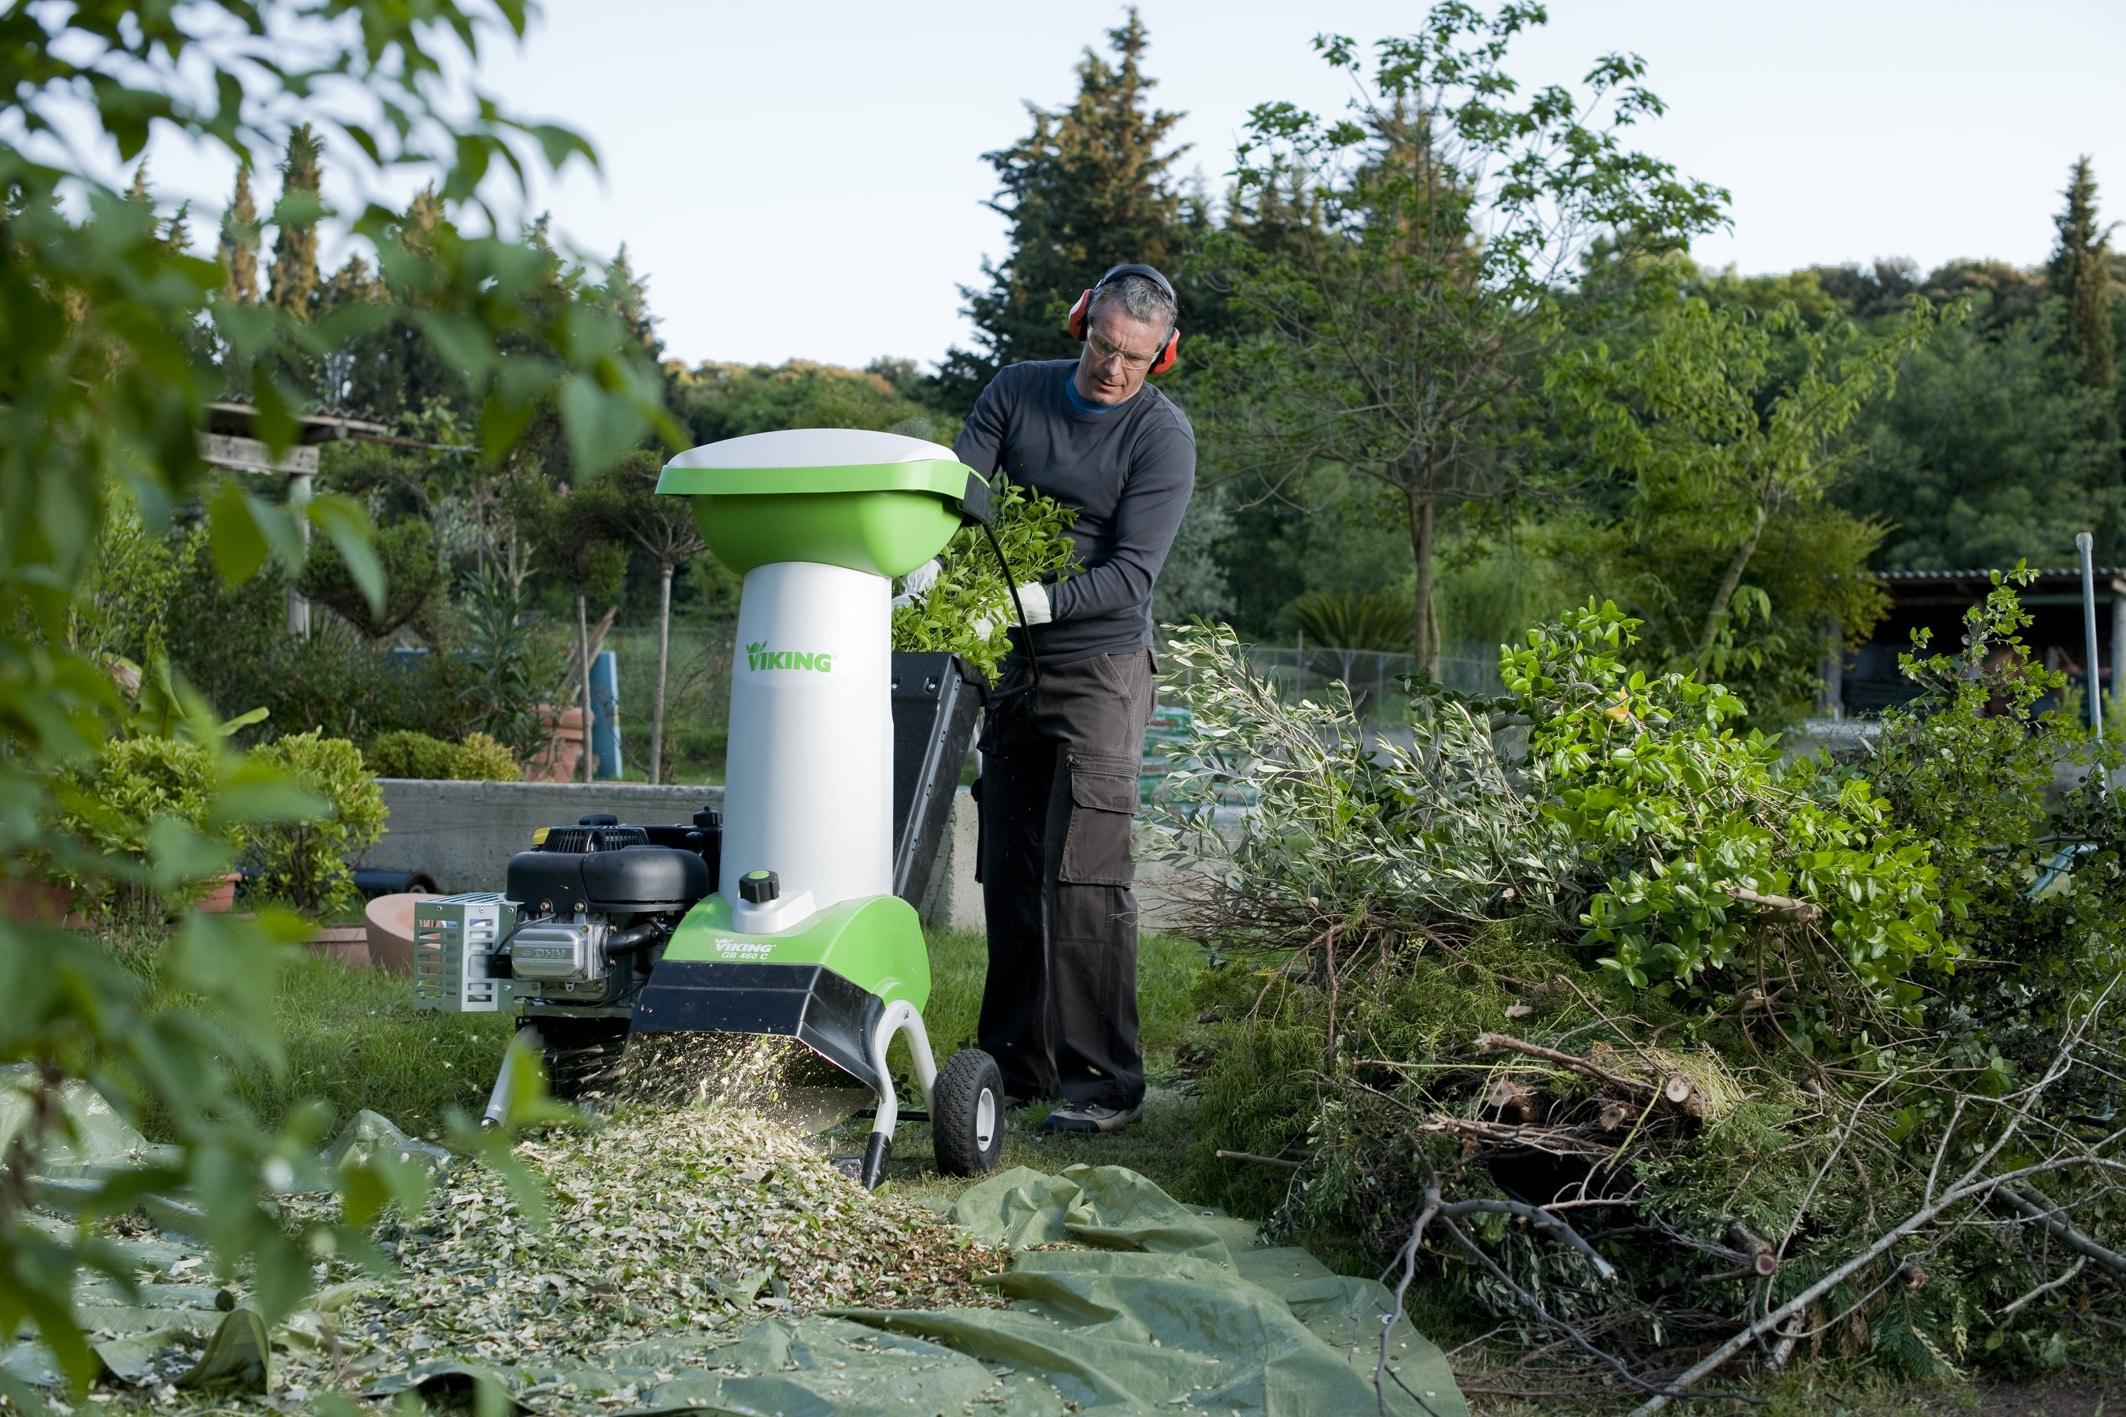 Бензиновый садовый измельчитель